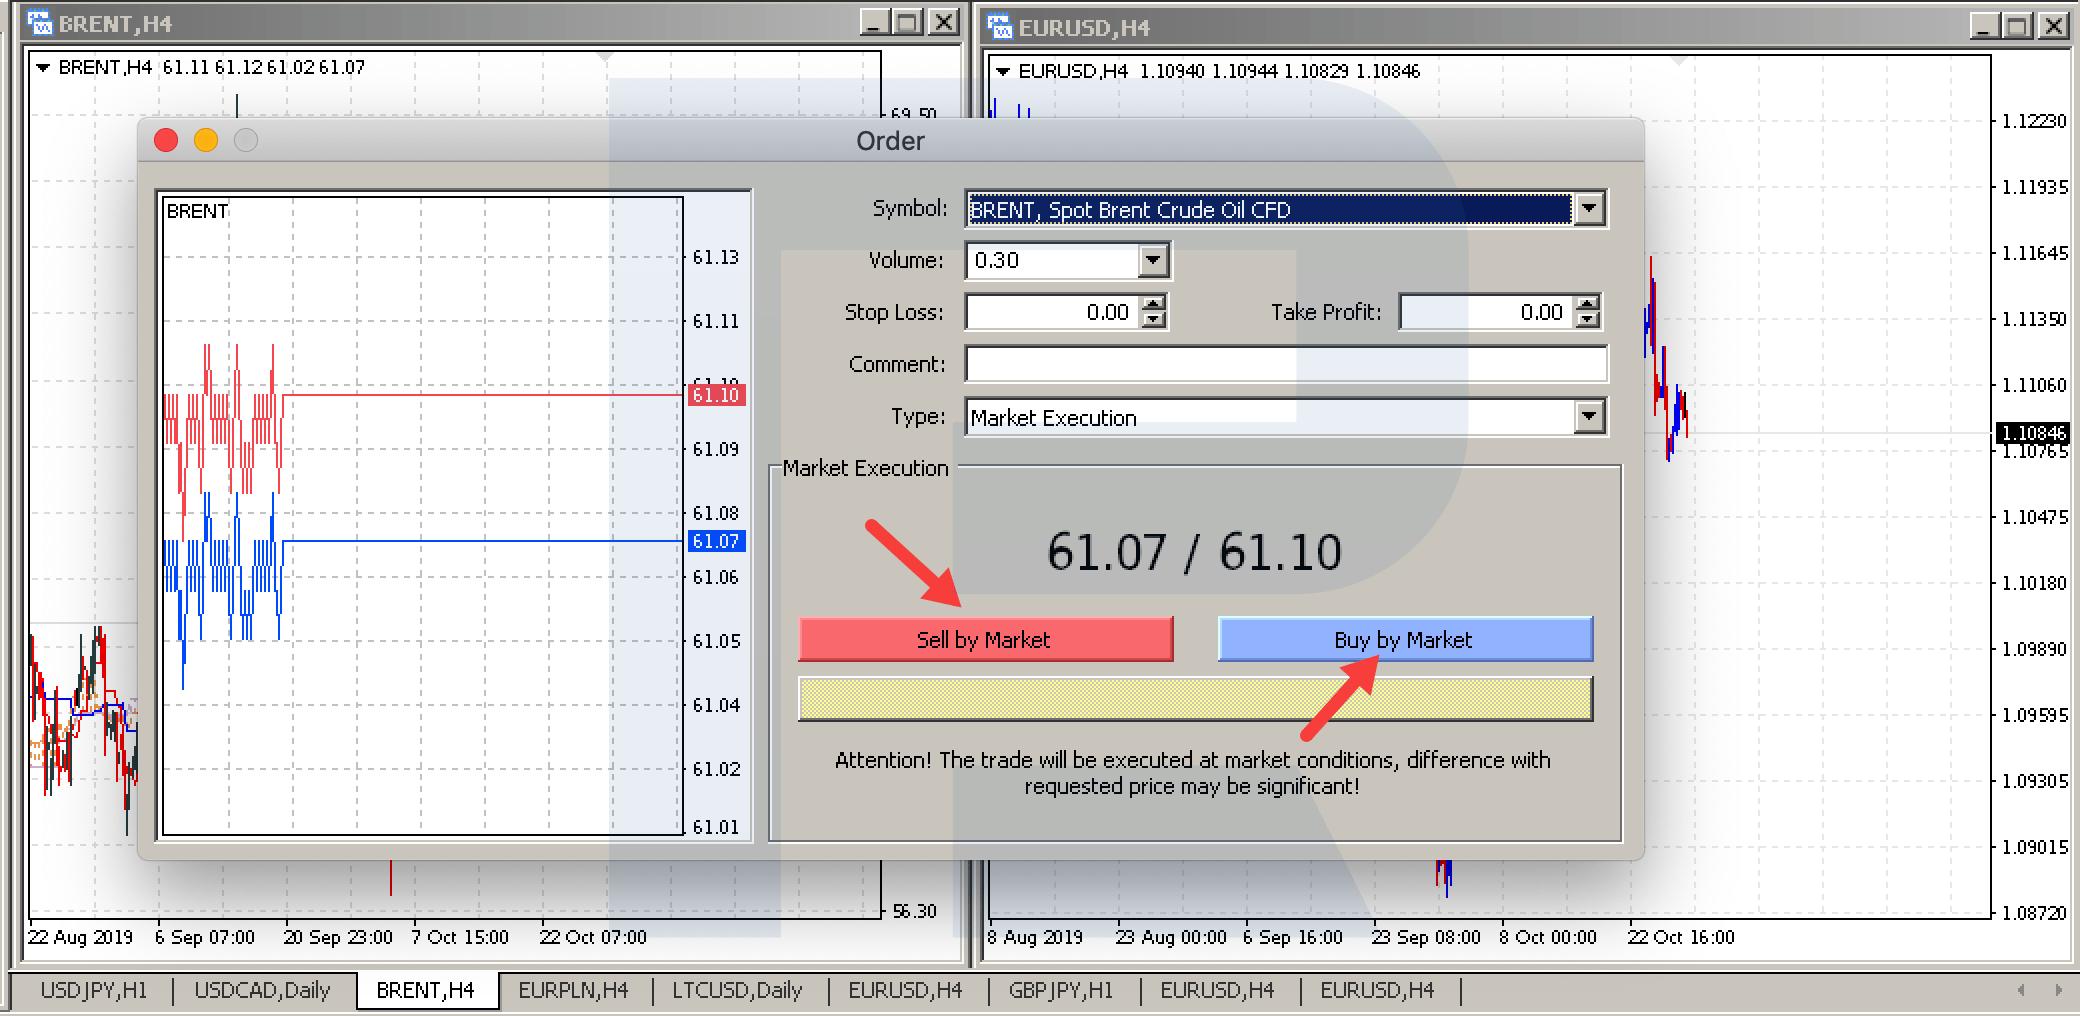 binārās opcijas ir gandrīz sarežģītas turbo opciju tirdzniecības sistēmas